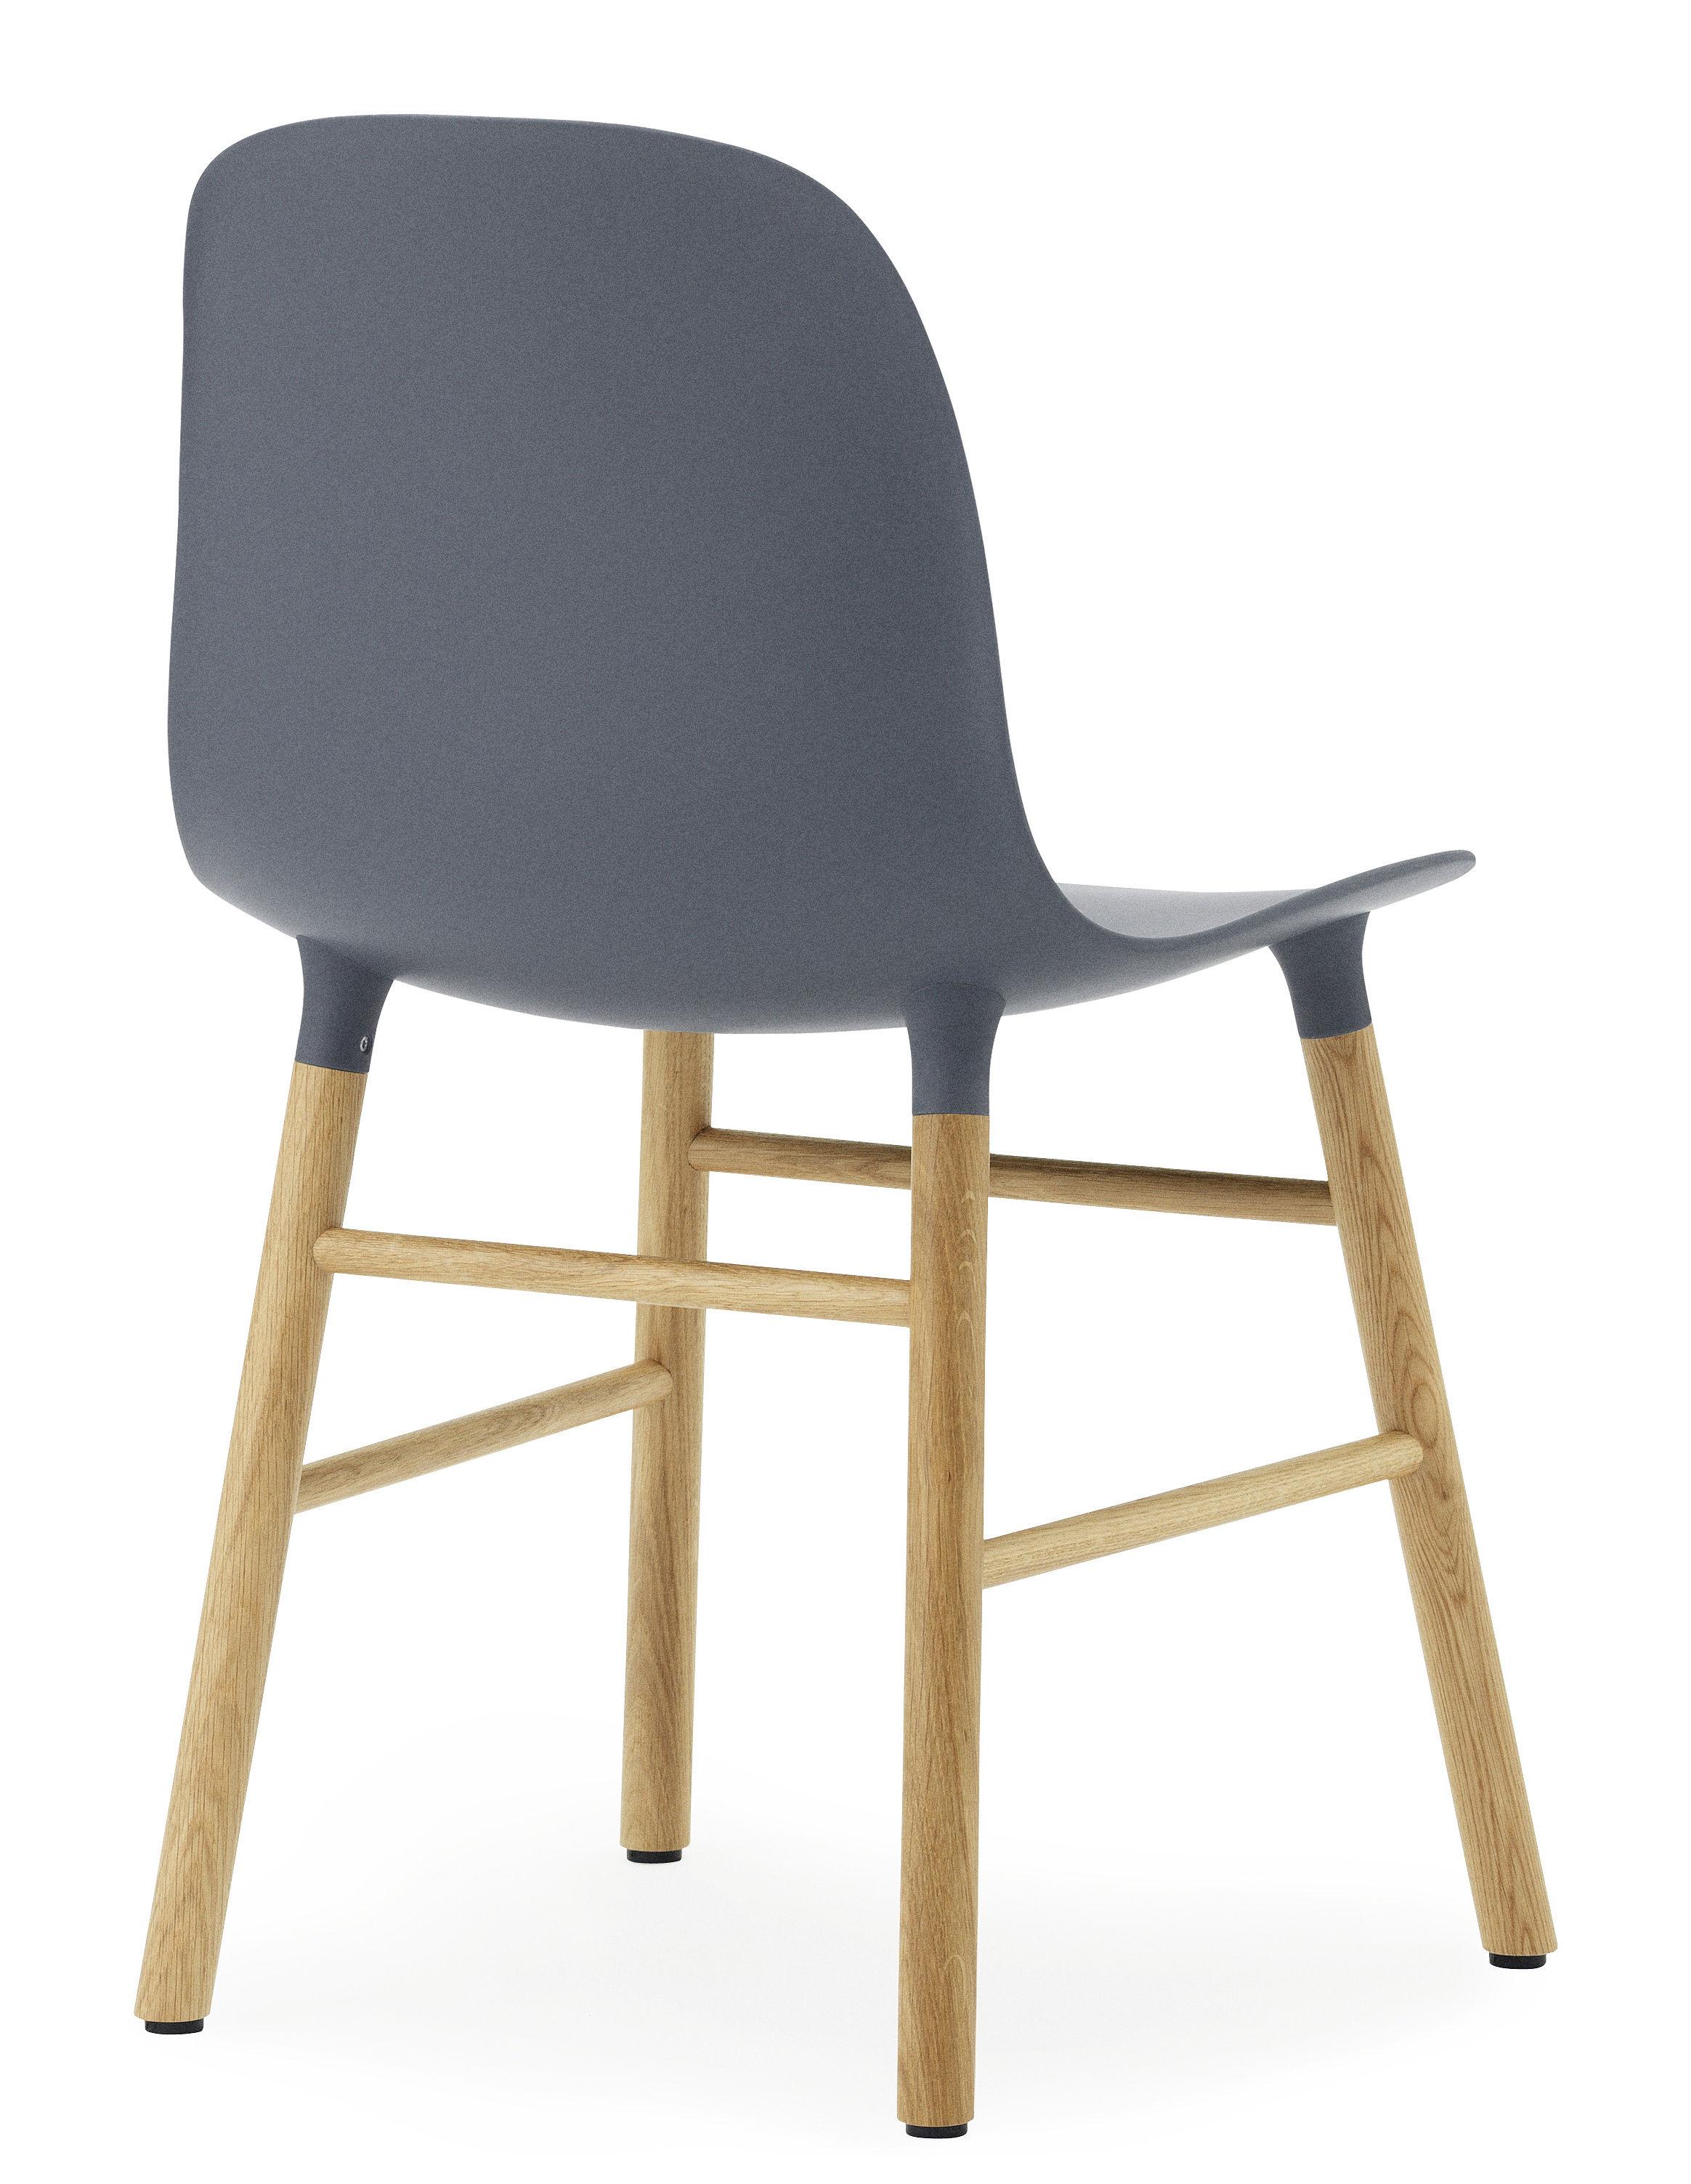 form stuhlbeine aus eiche normann copenhagen stuhl. Black Bedroom Furniture Sets. Home Design Ideas